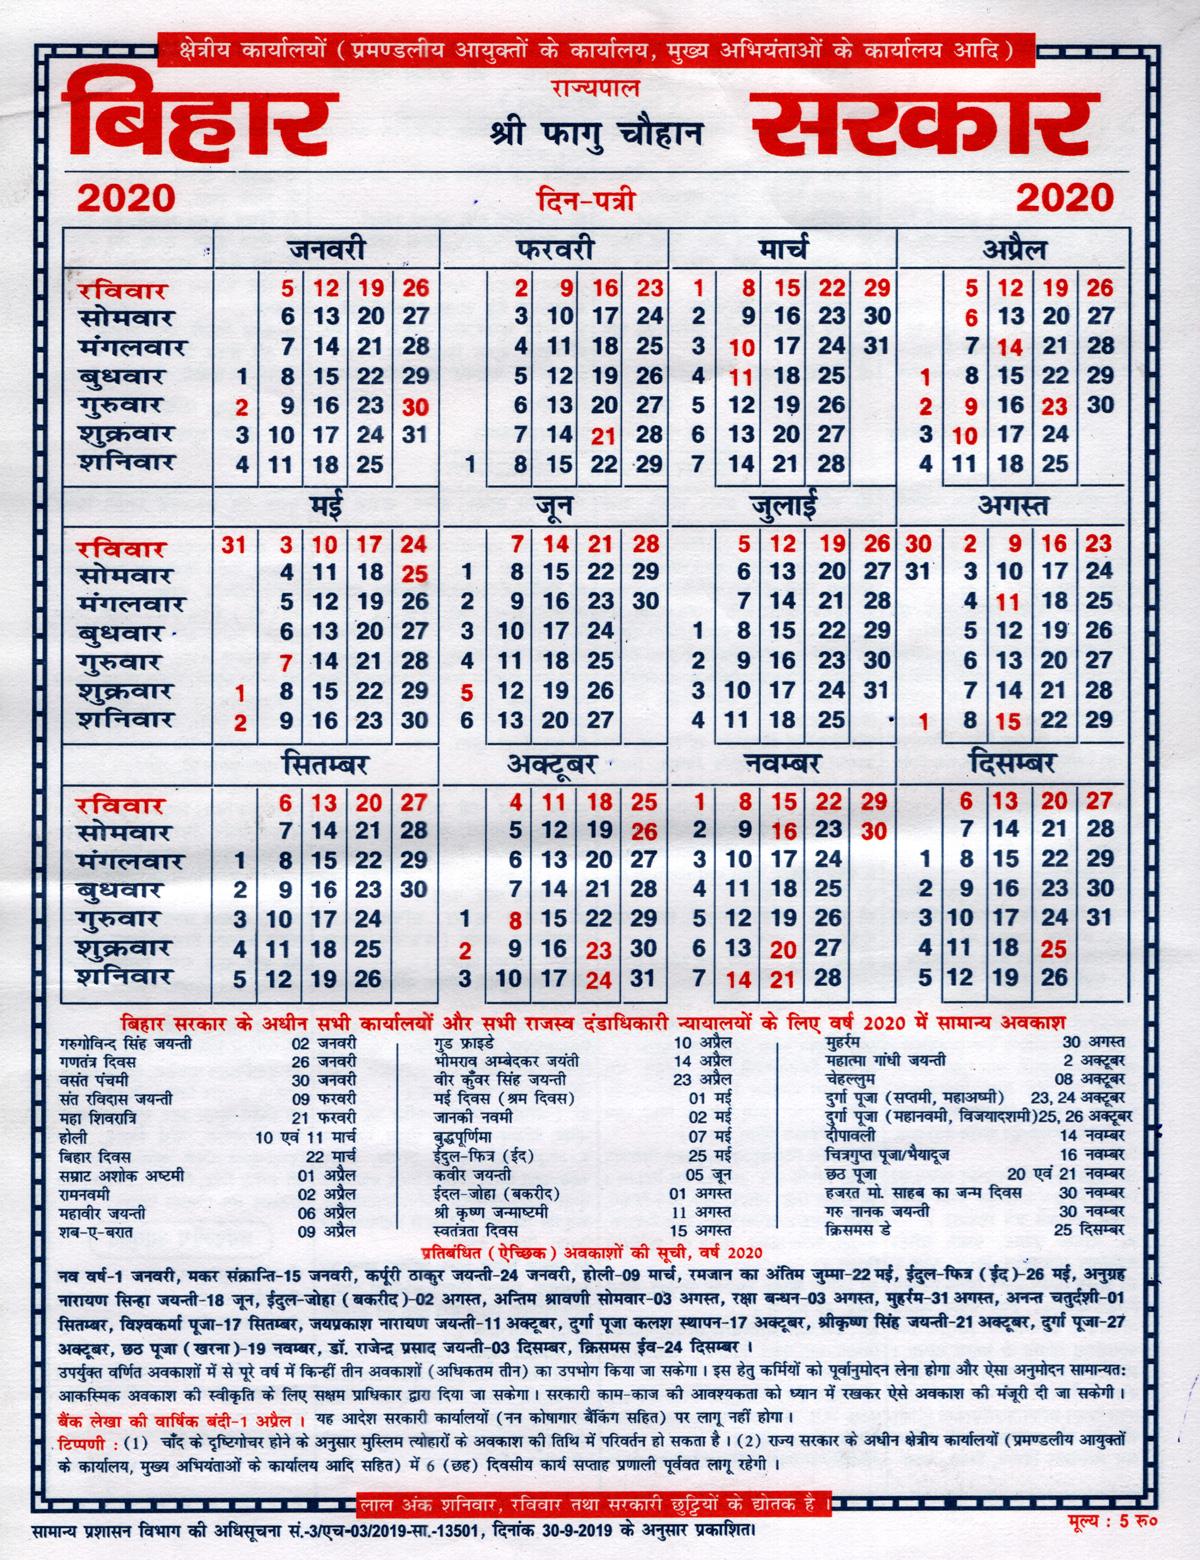 Bihar Govt. Calendar  Patna Bihar Directory throughout Bihar Goverment Calender